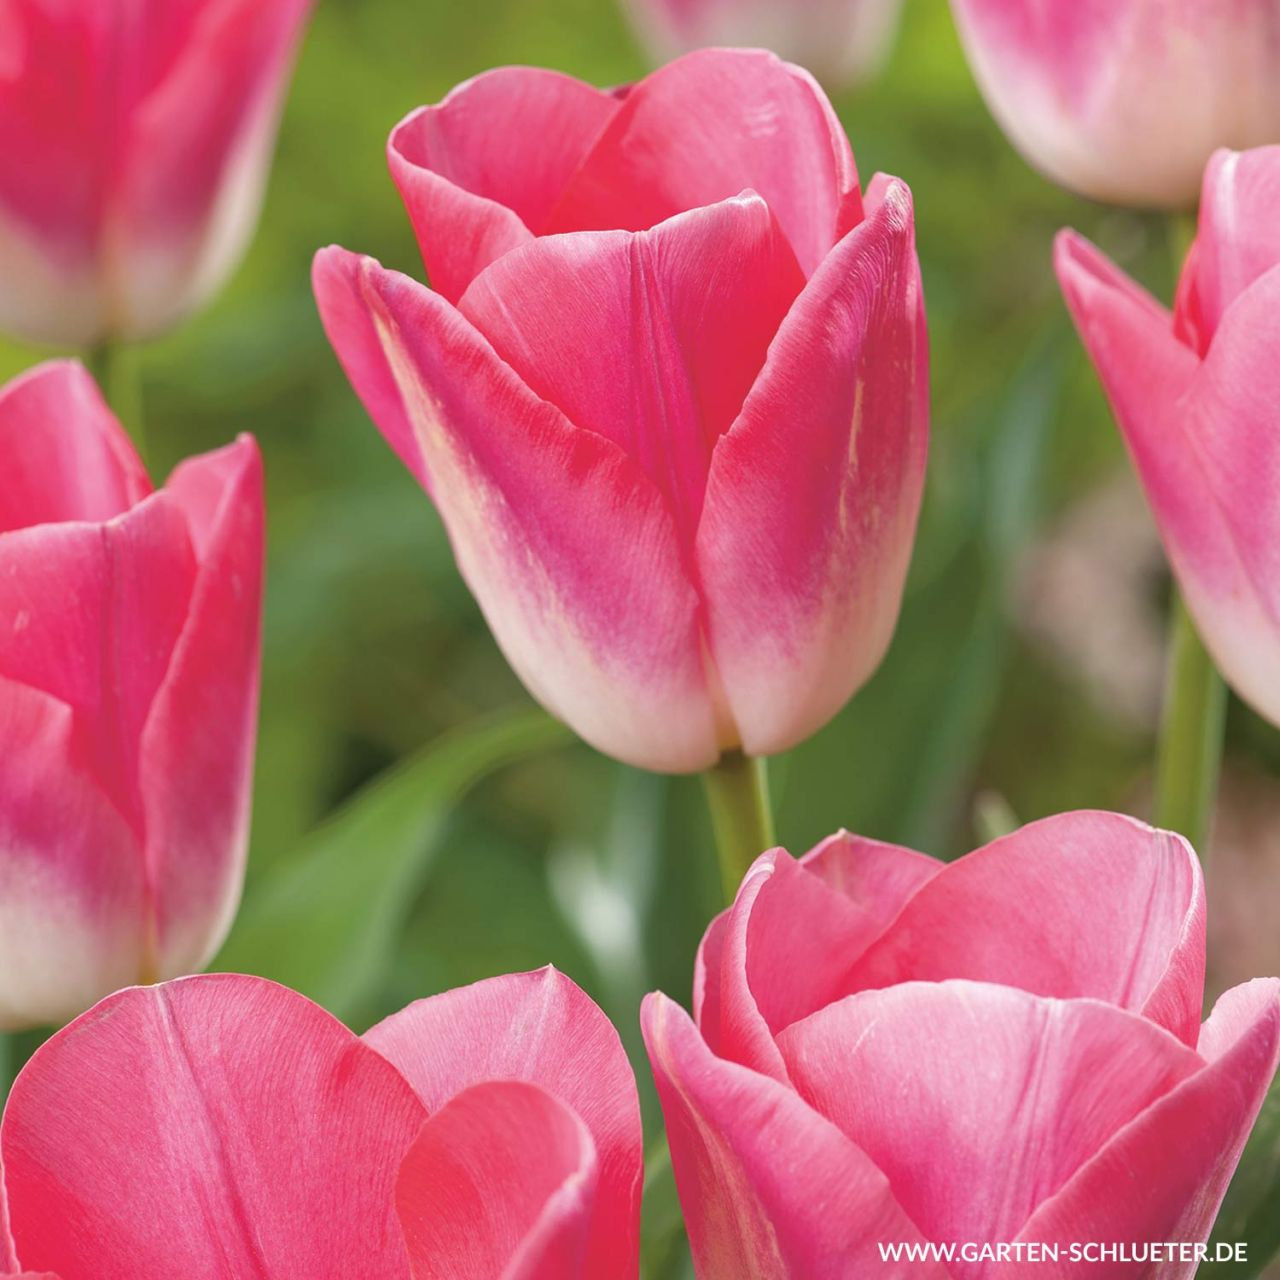 Garten-Schlueter.de: Triumph - Tulpe Dynasty - 10 Stück